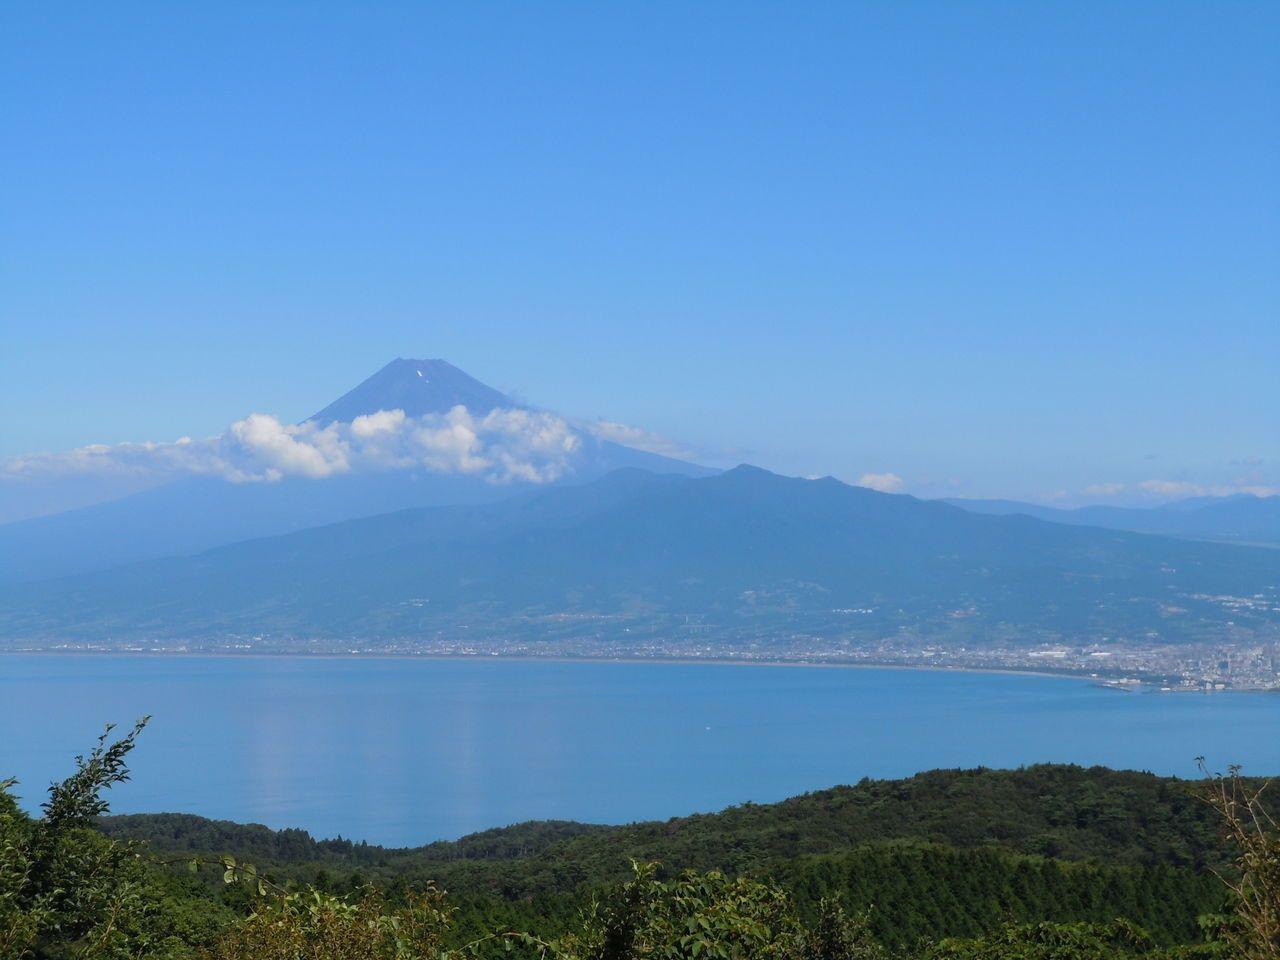 万国博覧会にも出品された日本一の富士山の眺め〜伊豆市だるま山高原〜